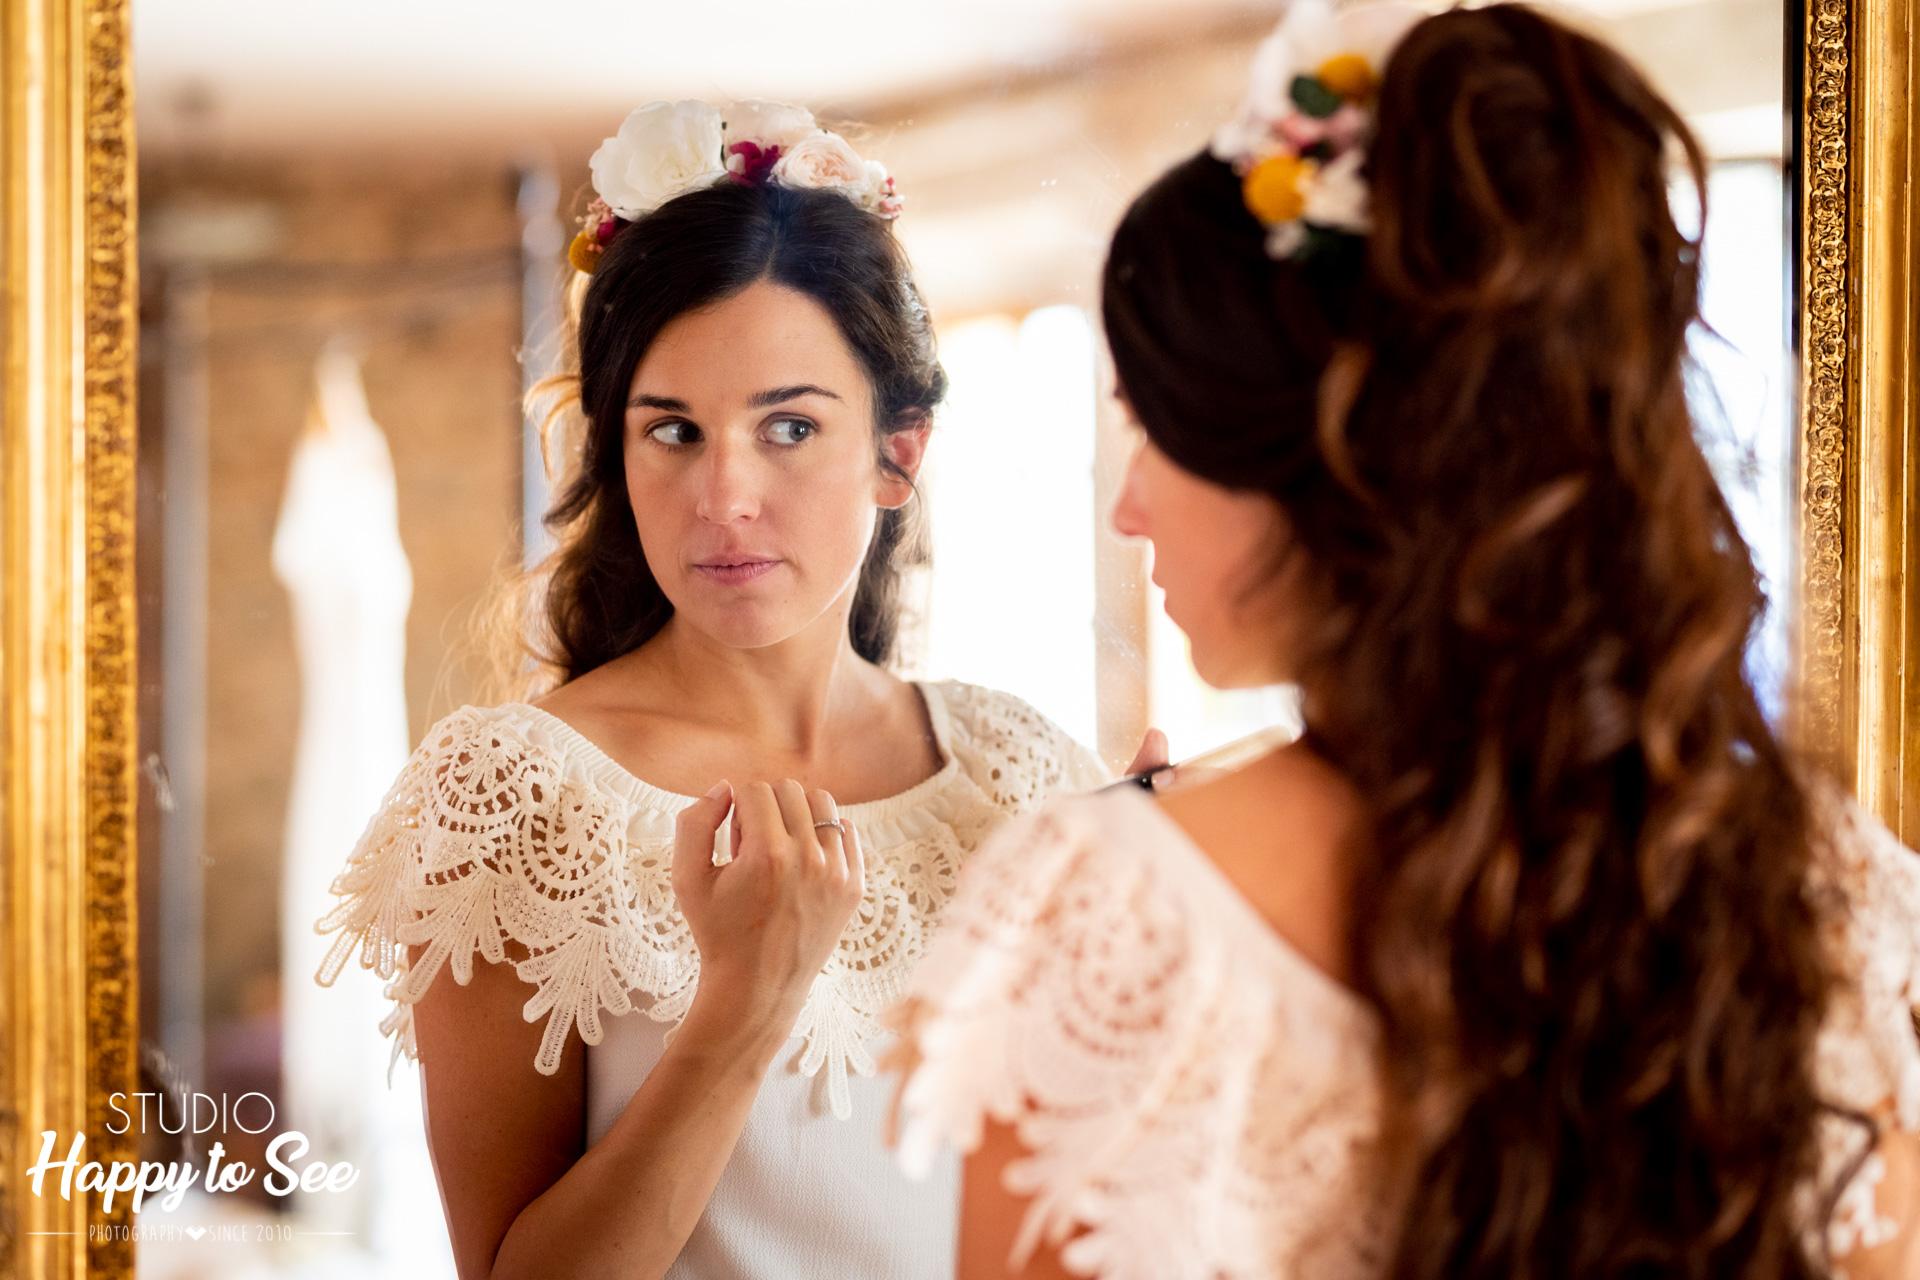 Mariage sur un air de Toscane preparatifs domaine gayda Limoux